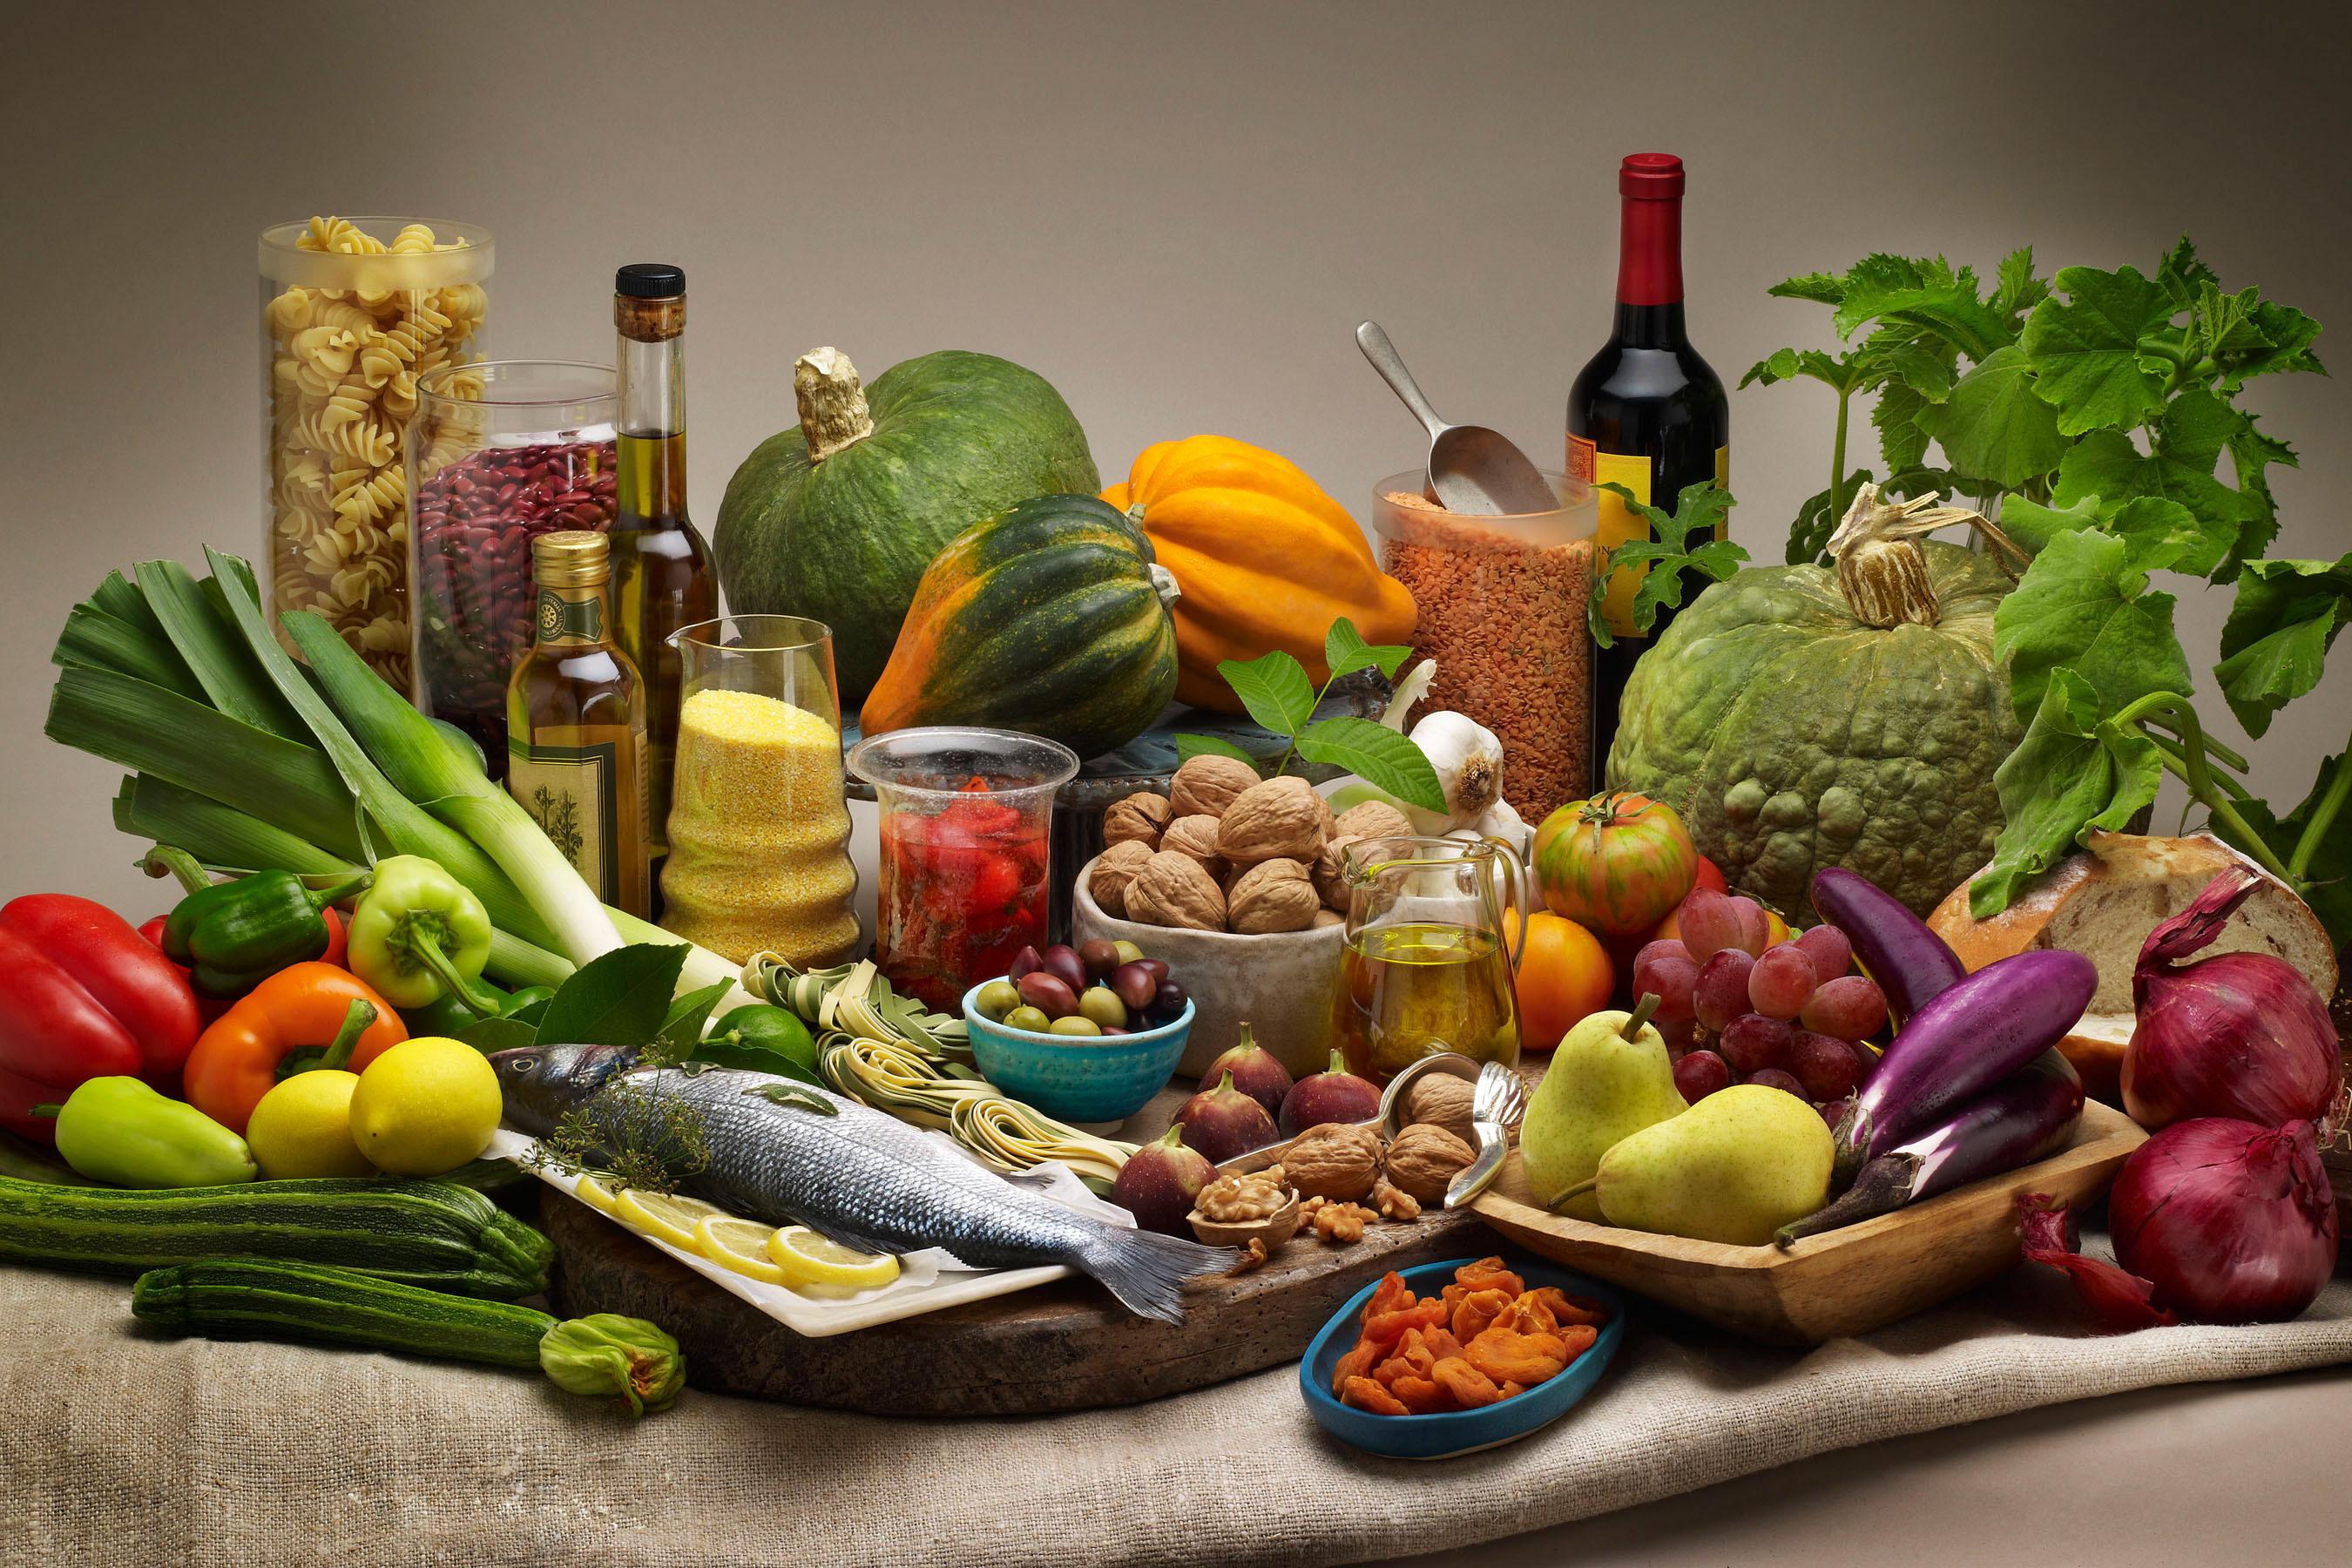 dieta paciente diabetico e hipertenso